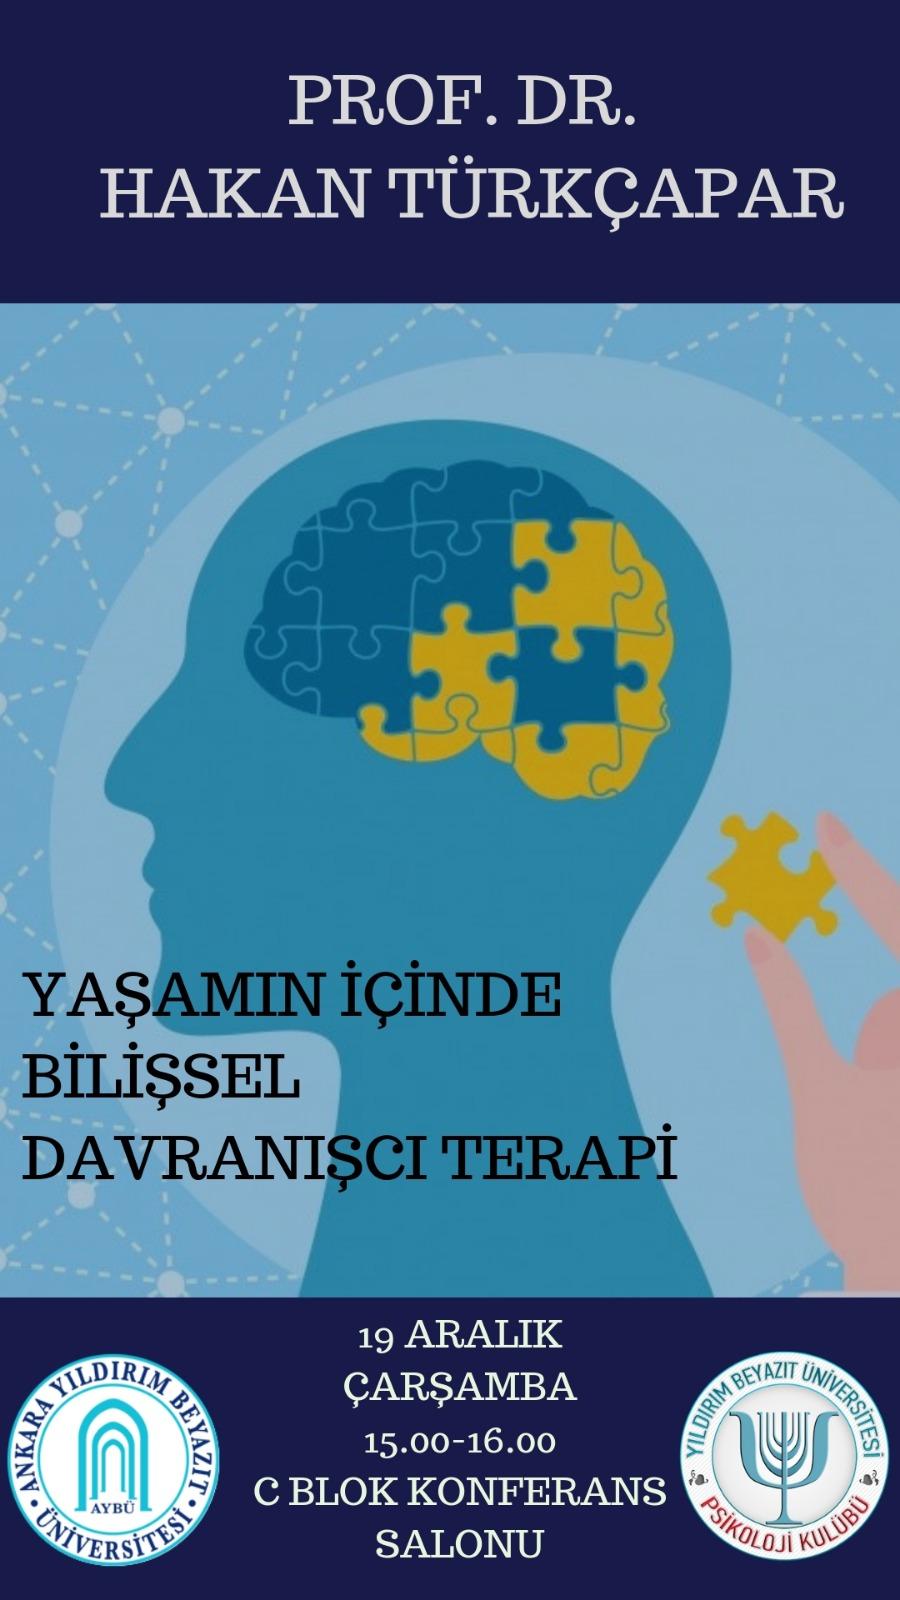 Yaşamın İçinde Bilişsel Davranışçı Terapi